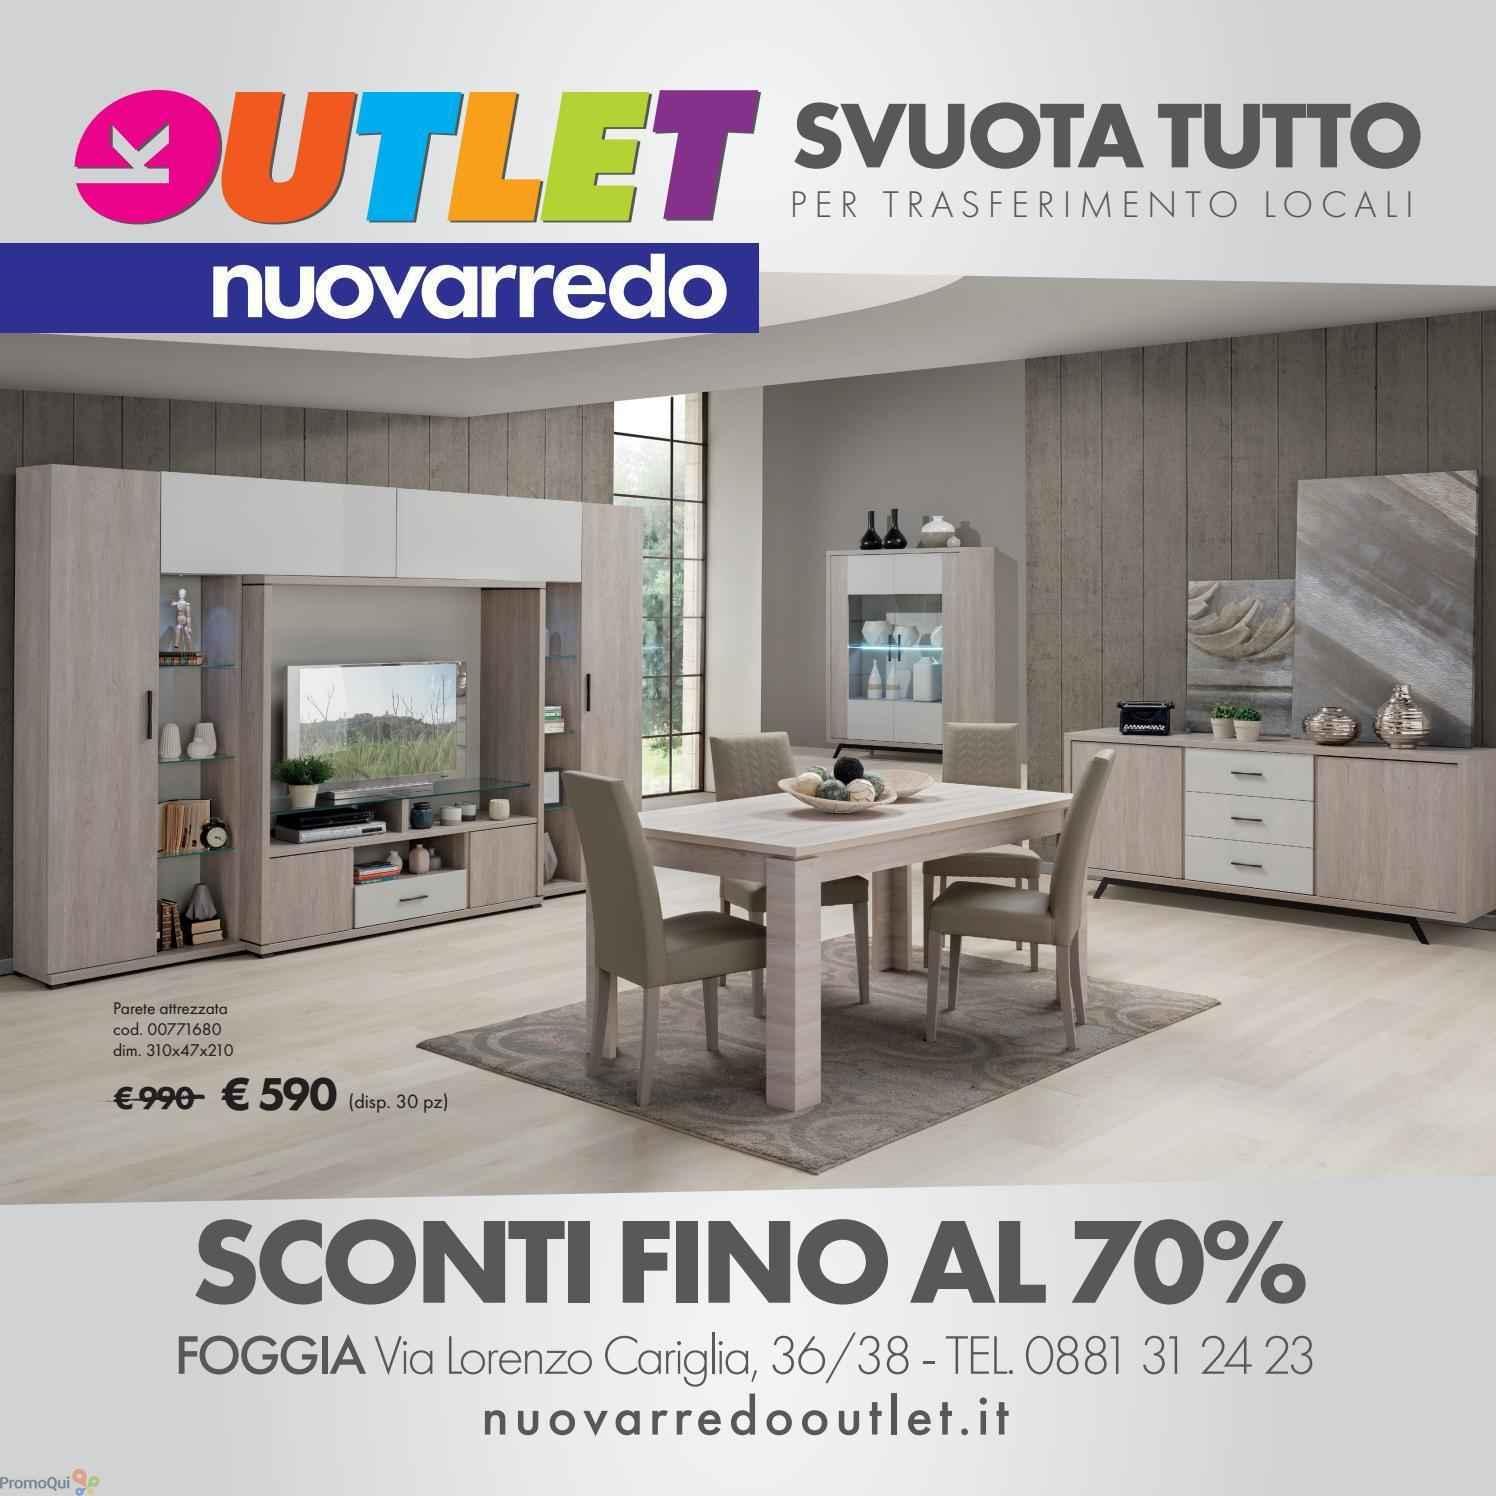 Nuovarredo molfetta catalogo parete attrezzata g with nuovarredo molfetta catalogo c veneta - Nuovo arredo cucine catalogo ...